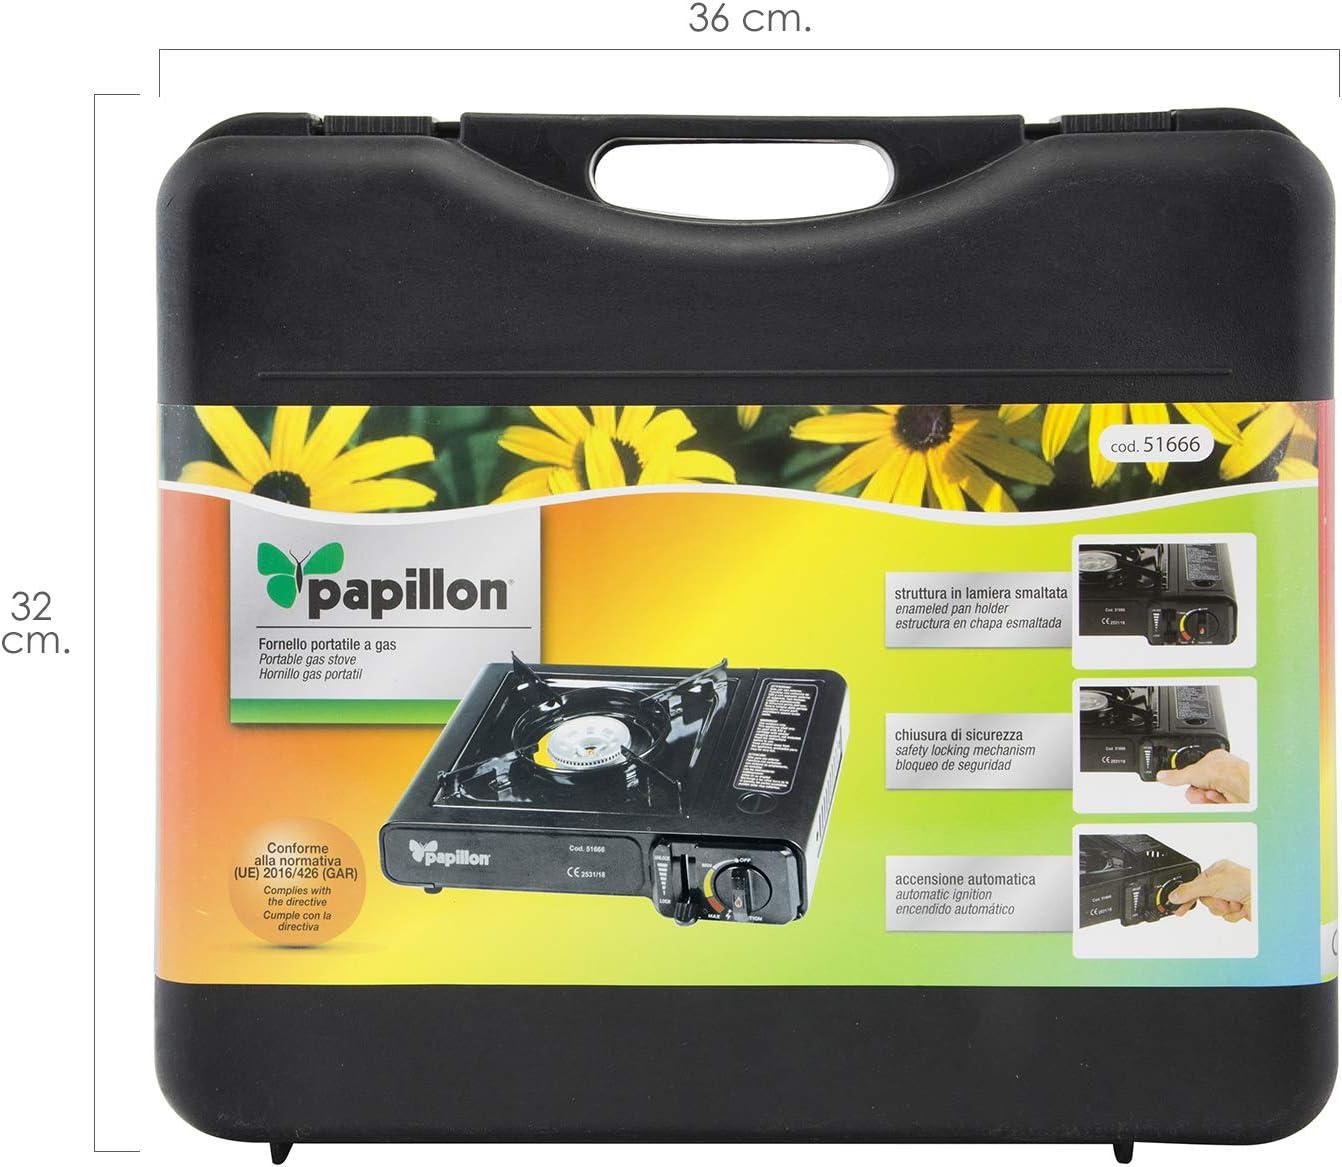 PAPILLON 8140120 Cocina Gas Cartucho con Maletin, Negro